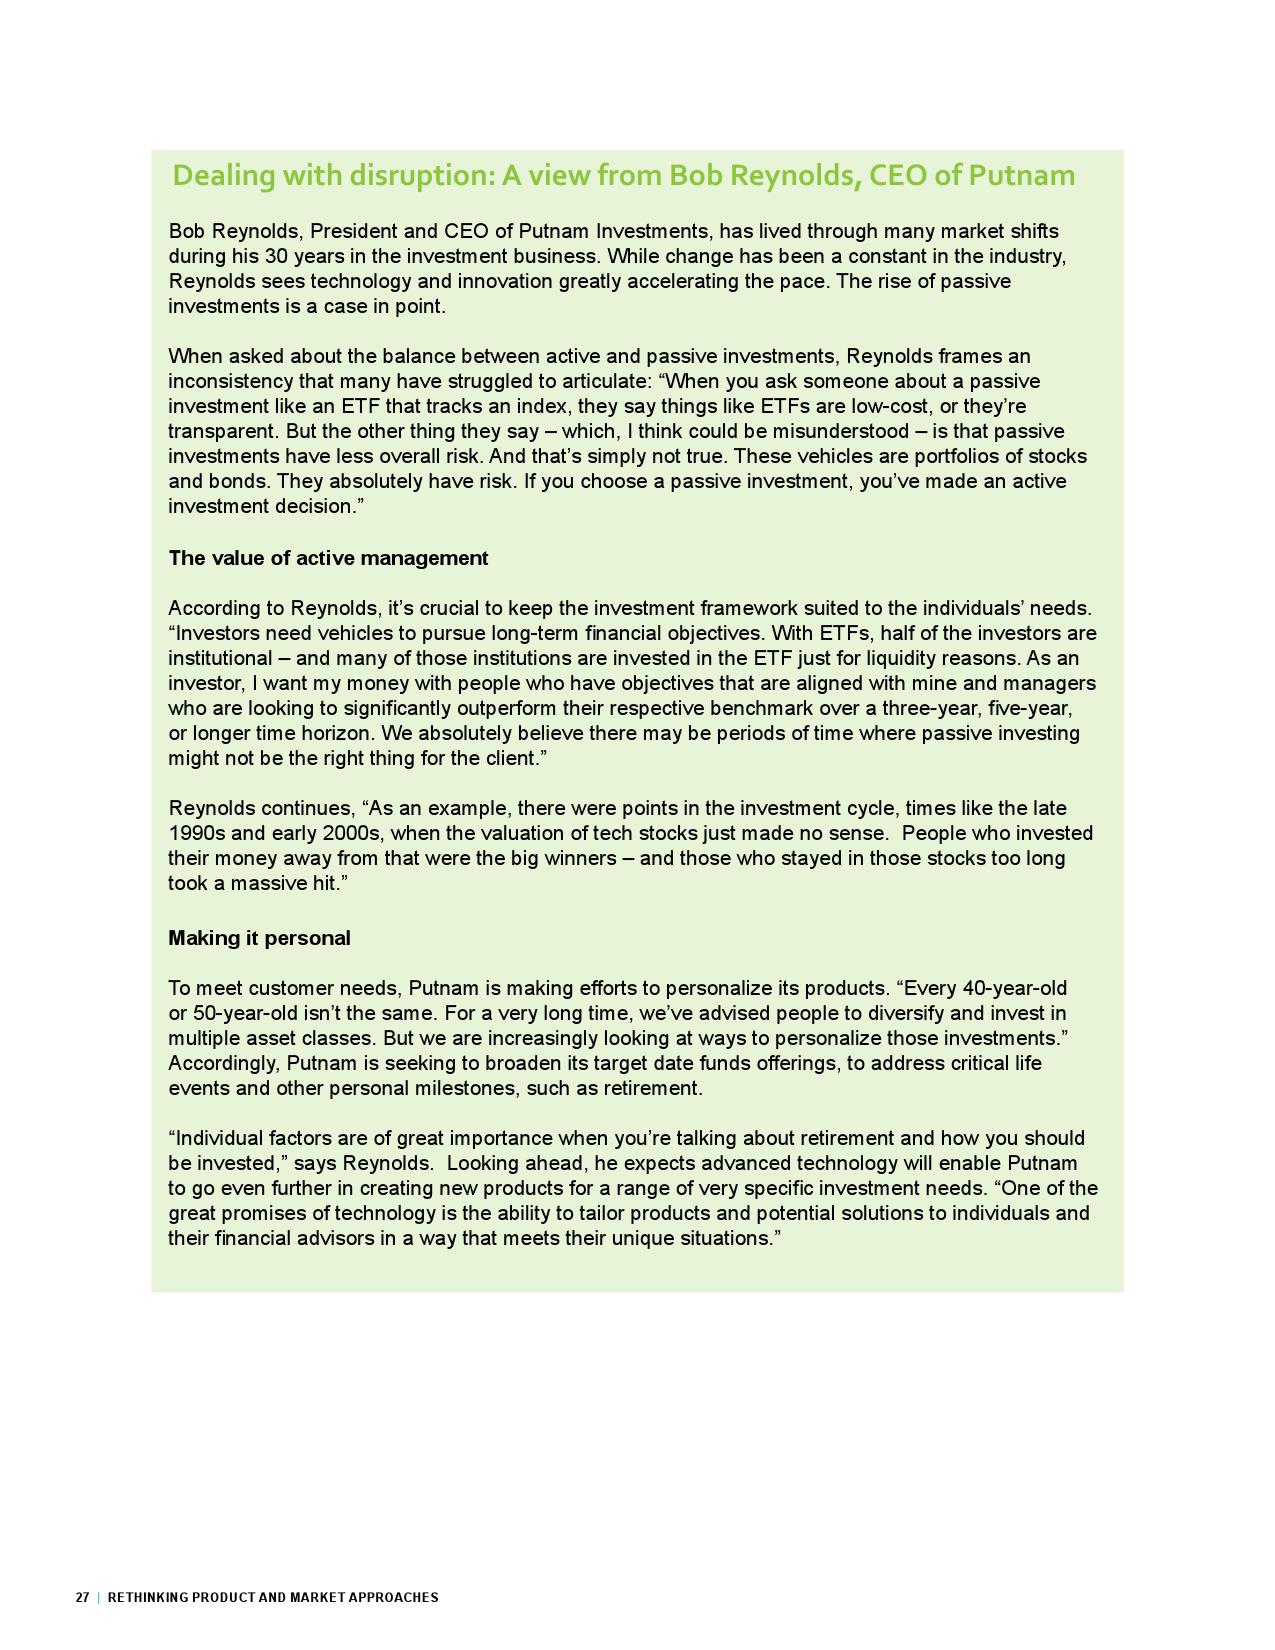 2021年资产和资产管理_000028